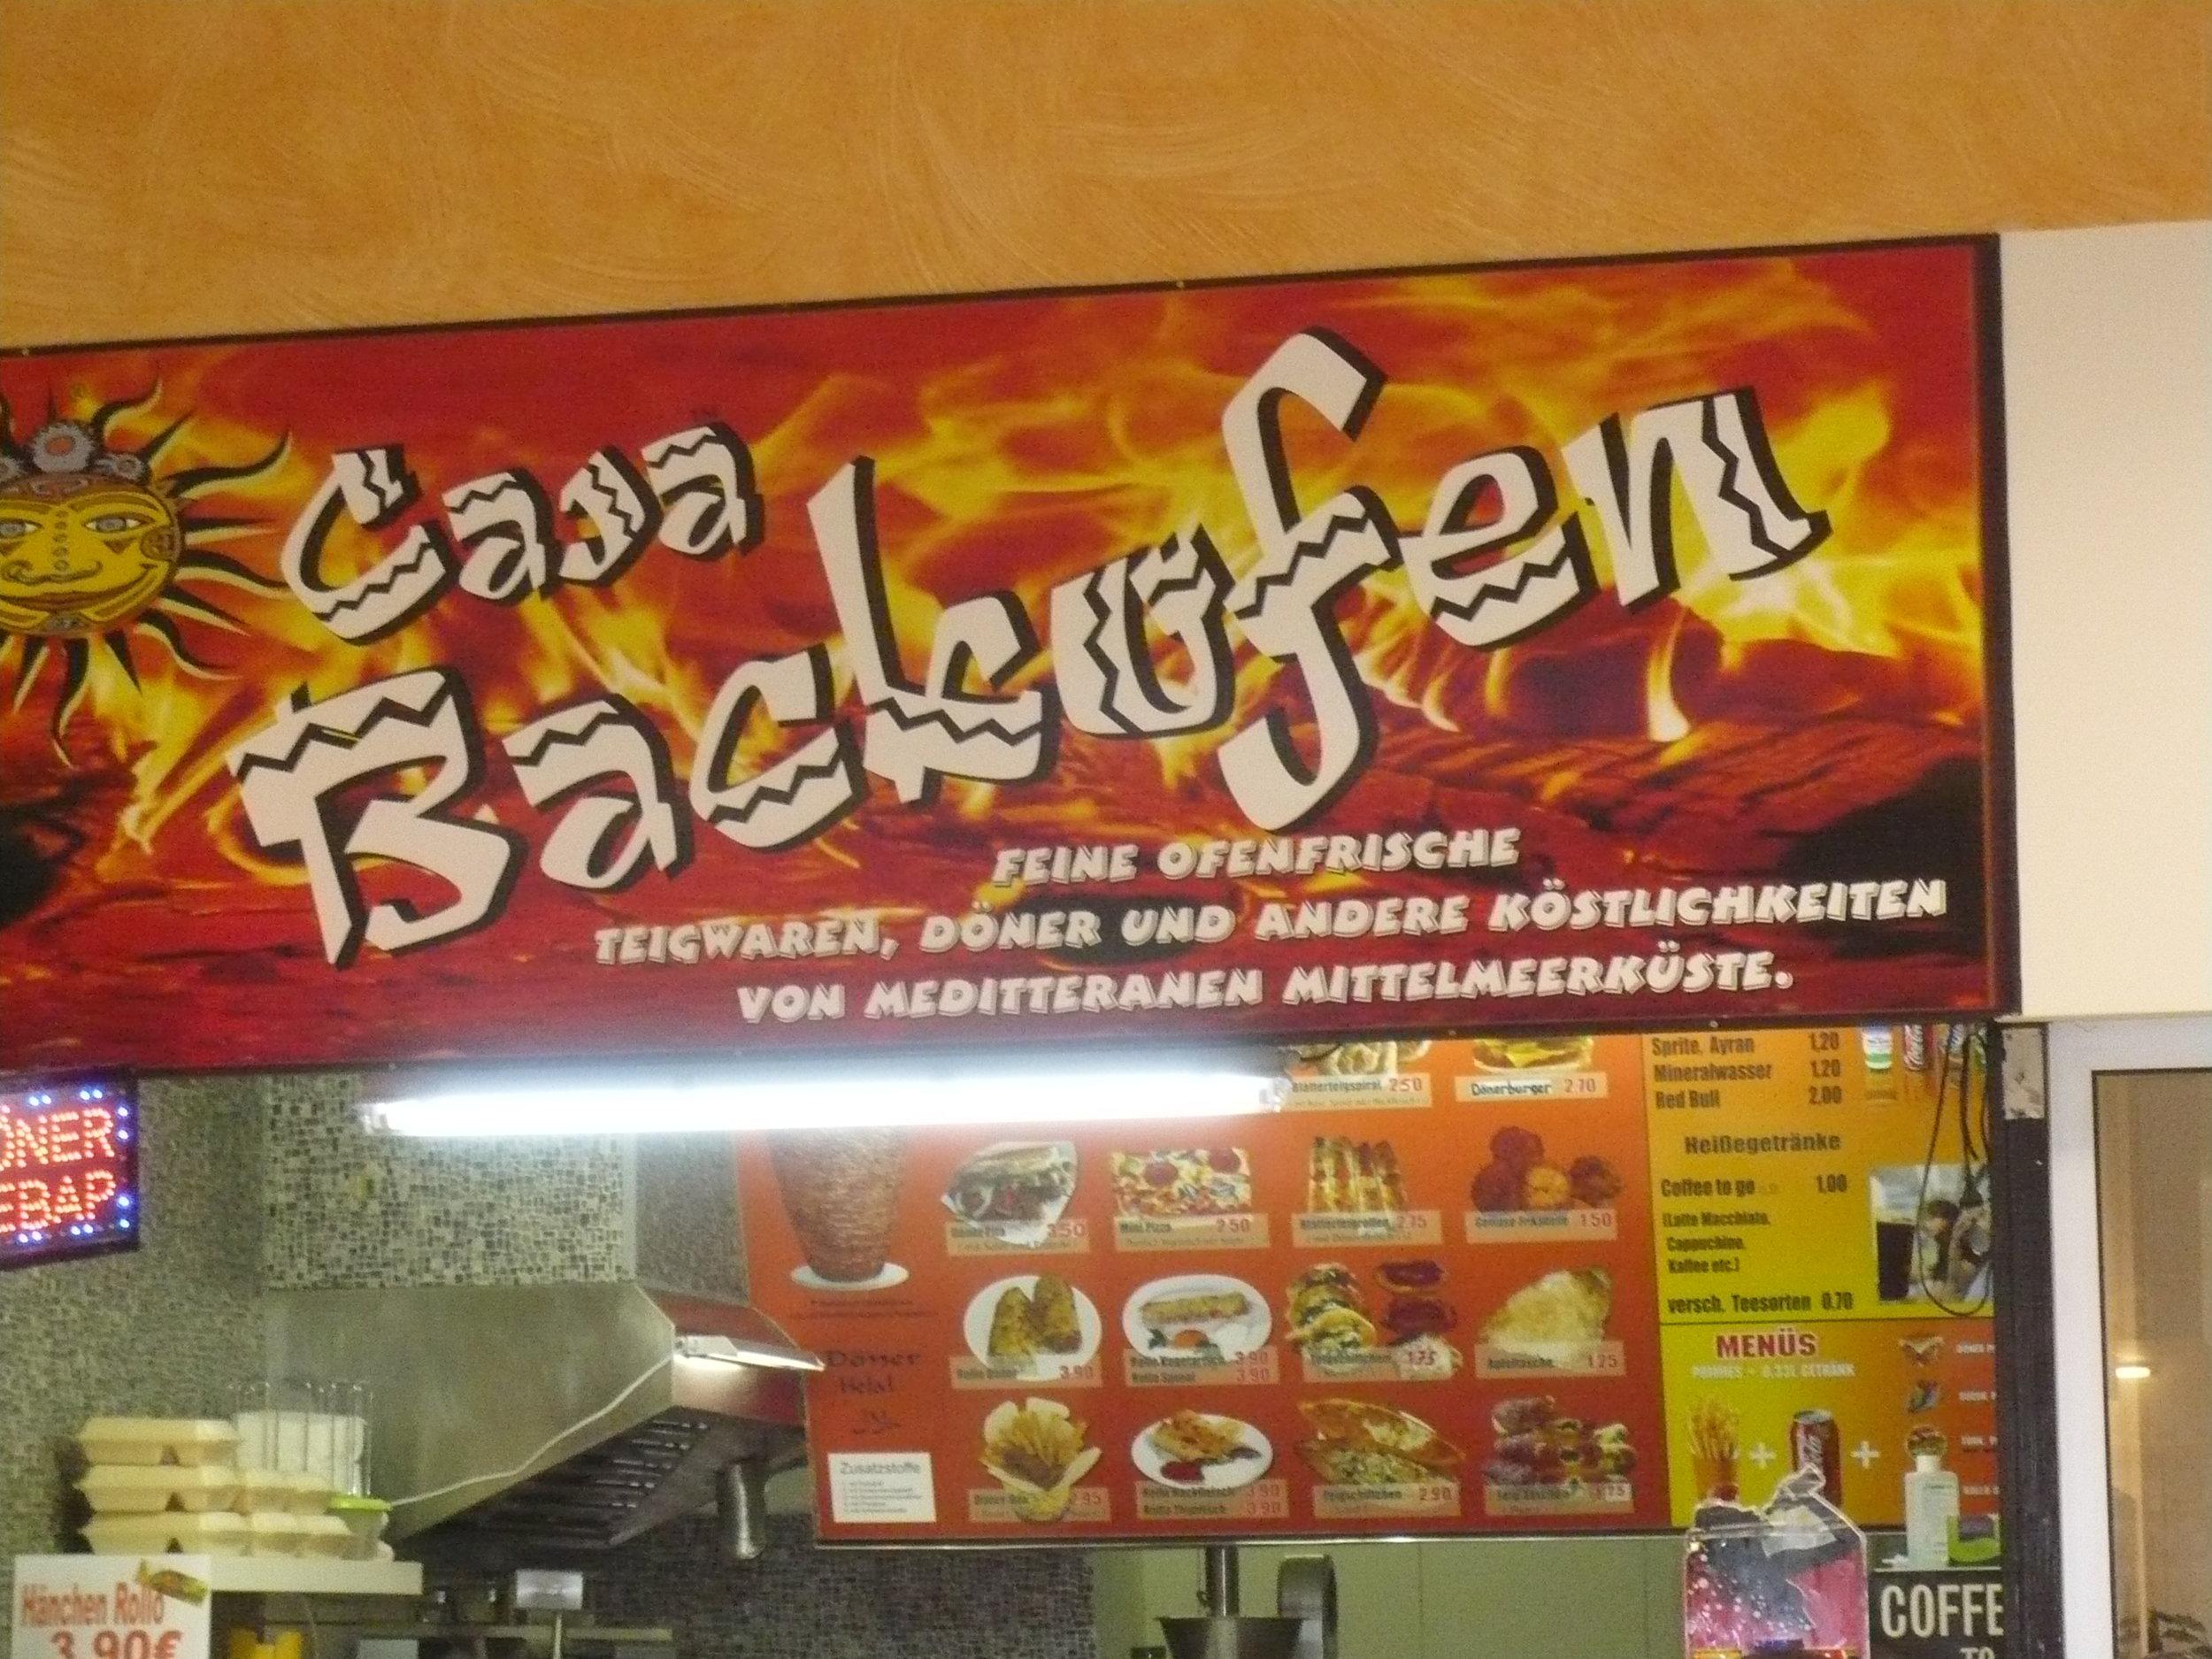 Wenn man der deutschen Sprache nicht ganz mächtig ist, sollte man es doch wenigstens von jemand anderem korrigieren lassen!